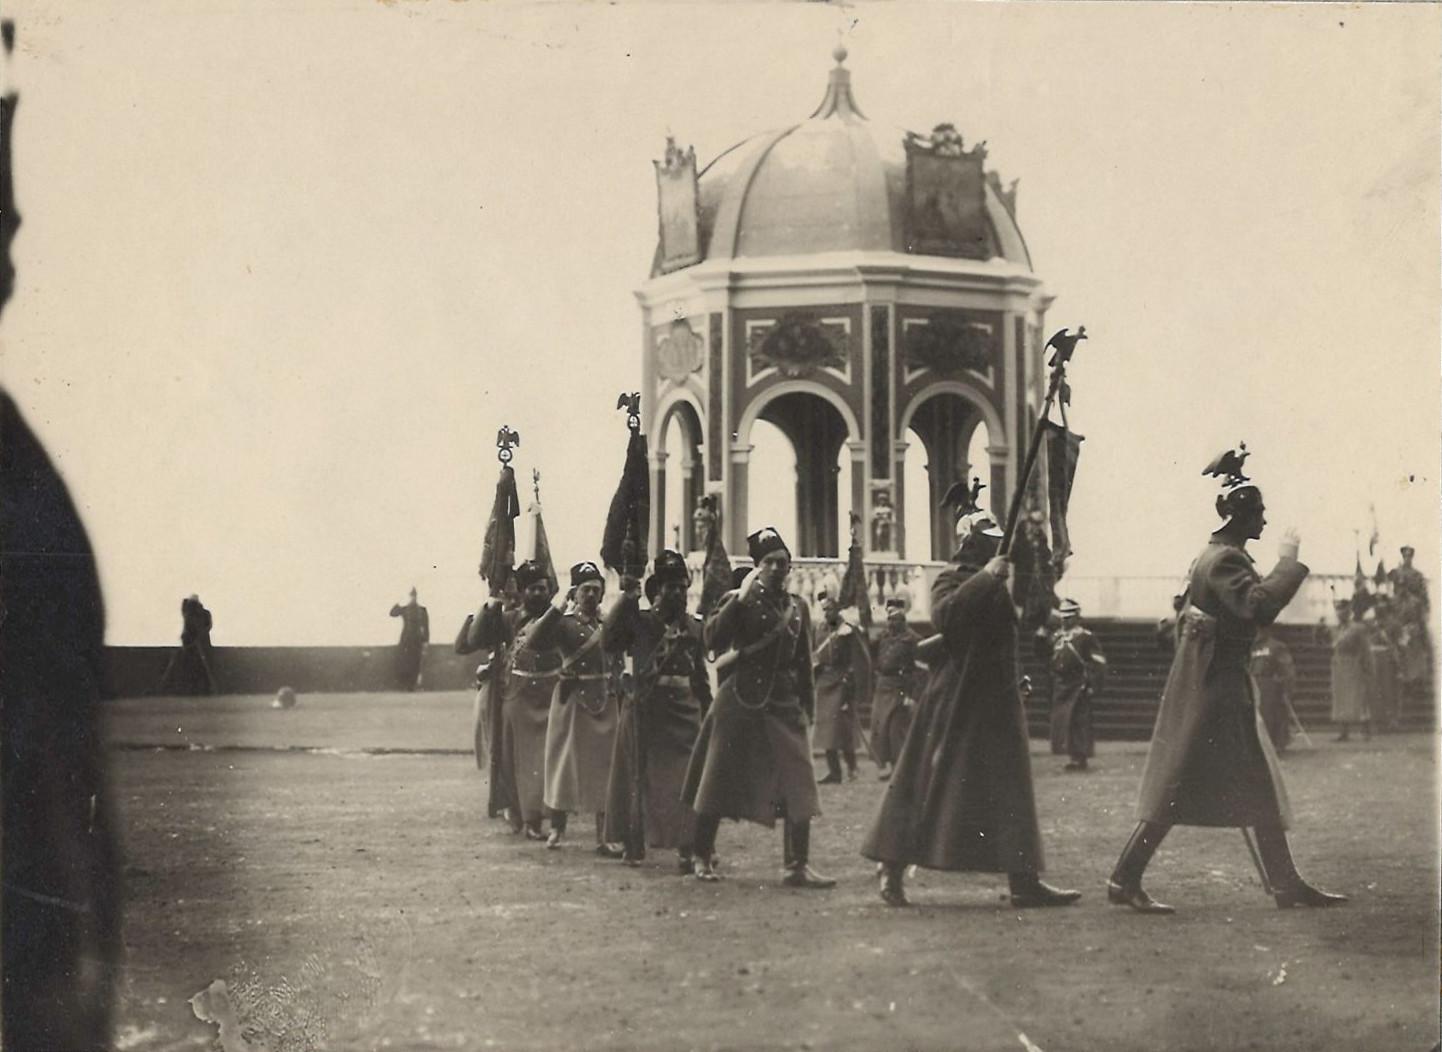 1912. Окропление знамен на Крещенском параде